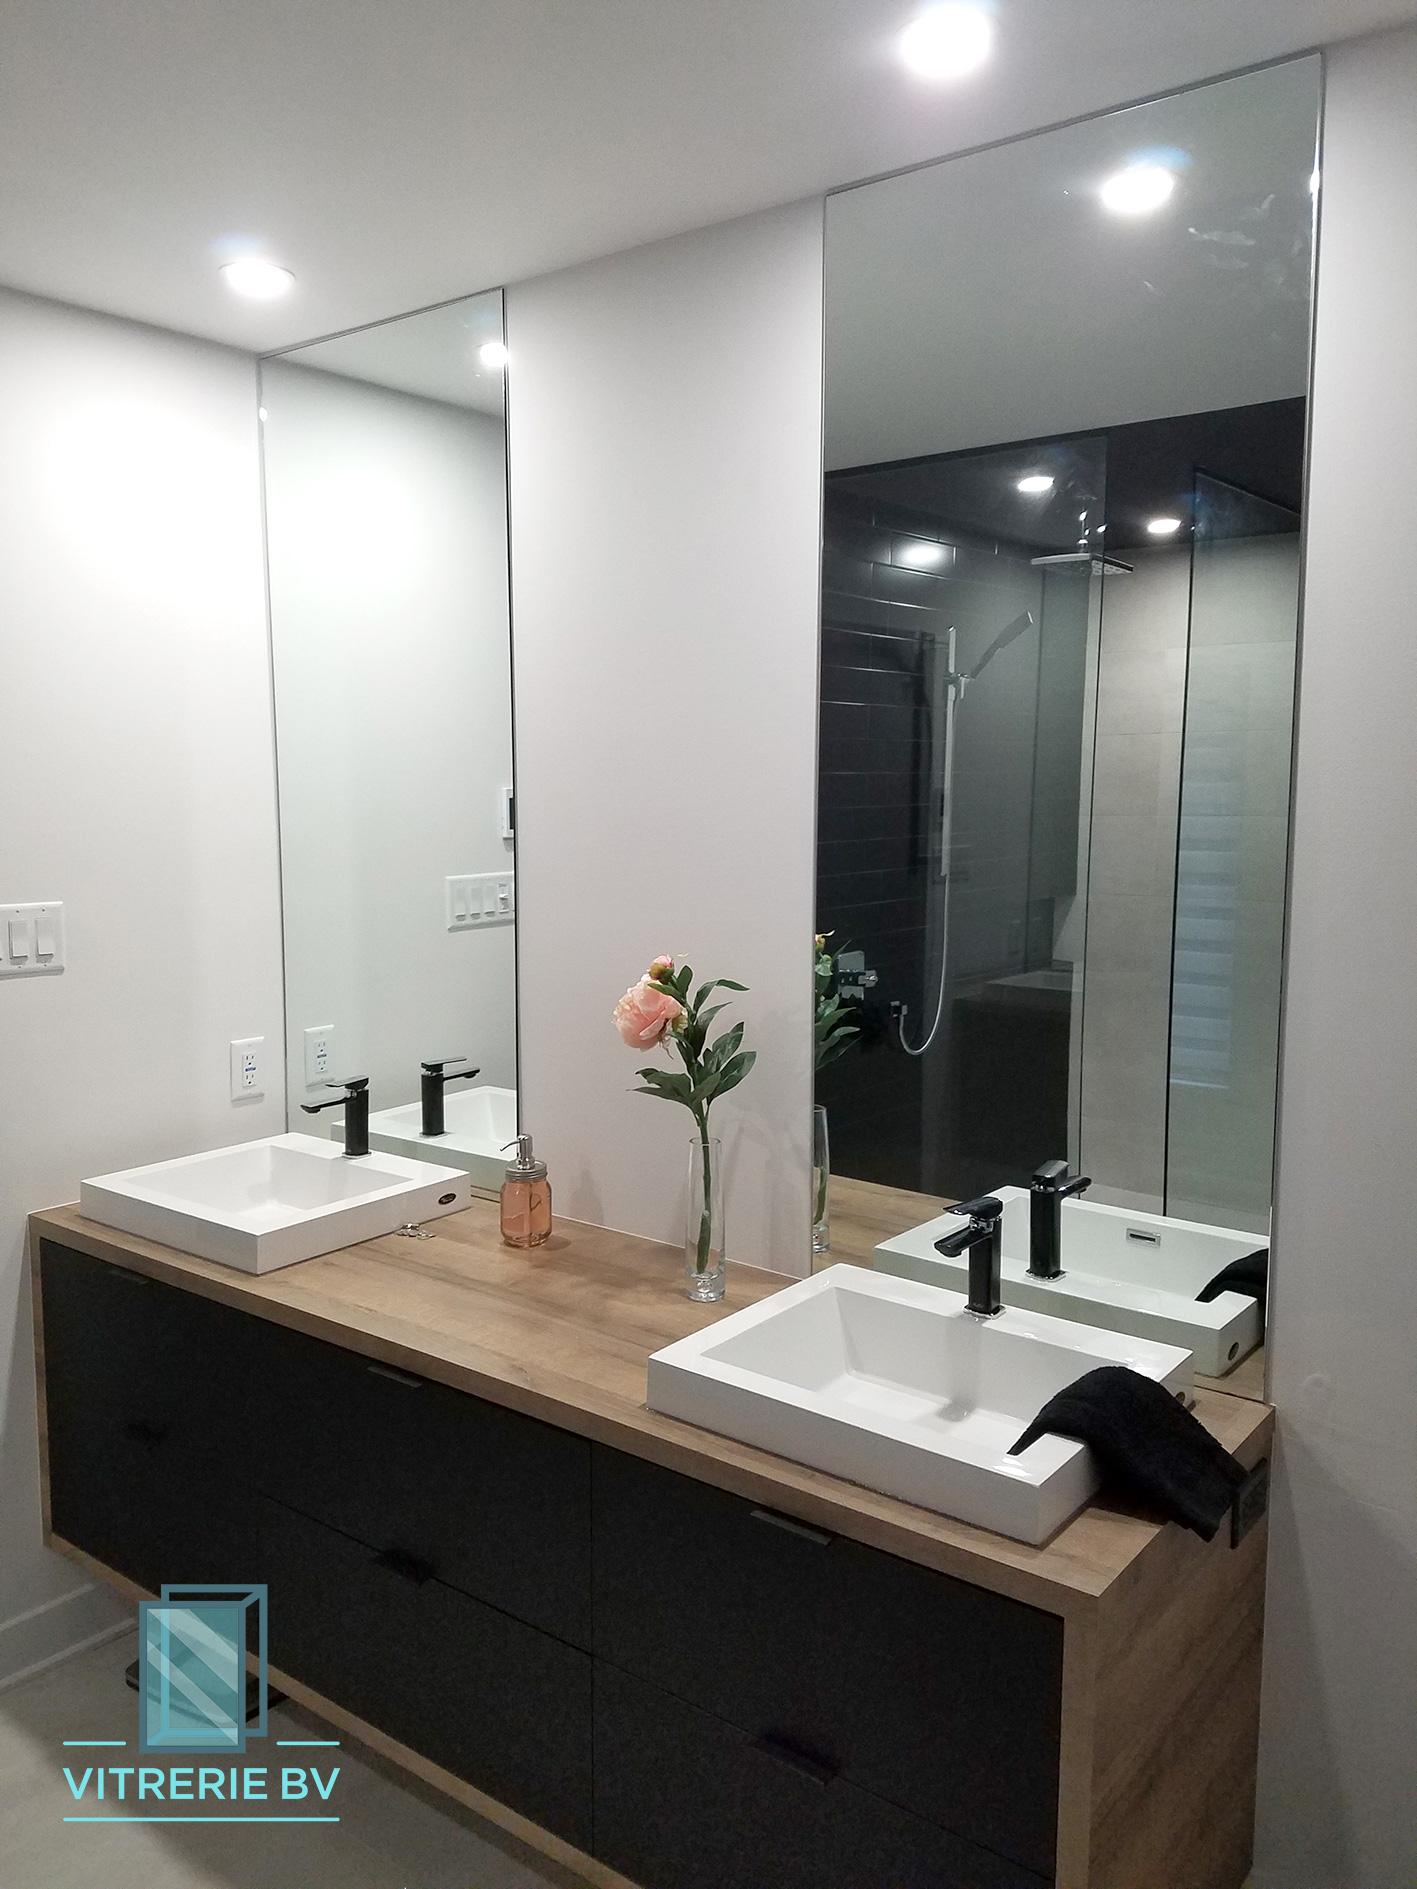 Salle De Bain Low Cost miroir-salle-de-bain-westmount_tag - viterie bv